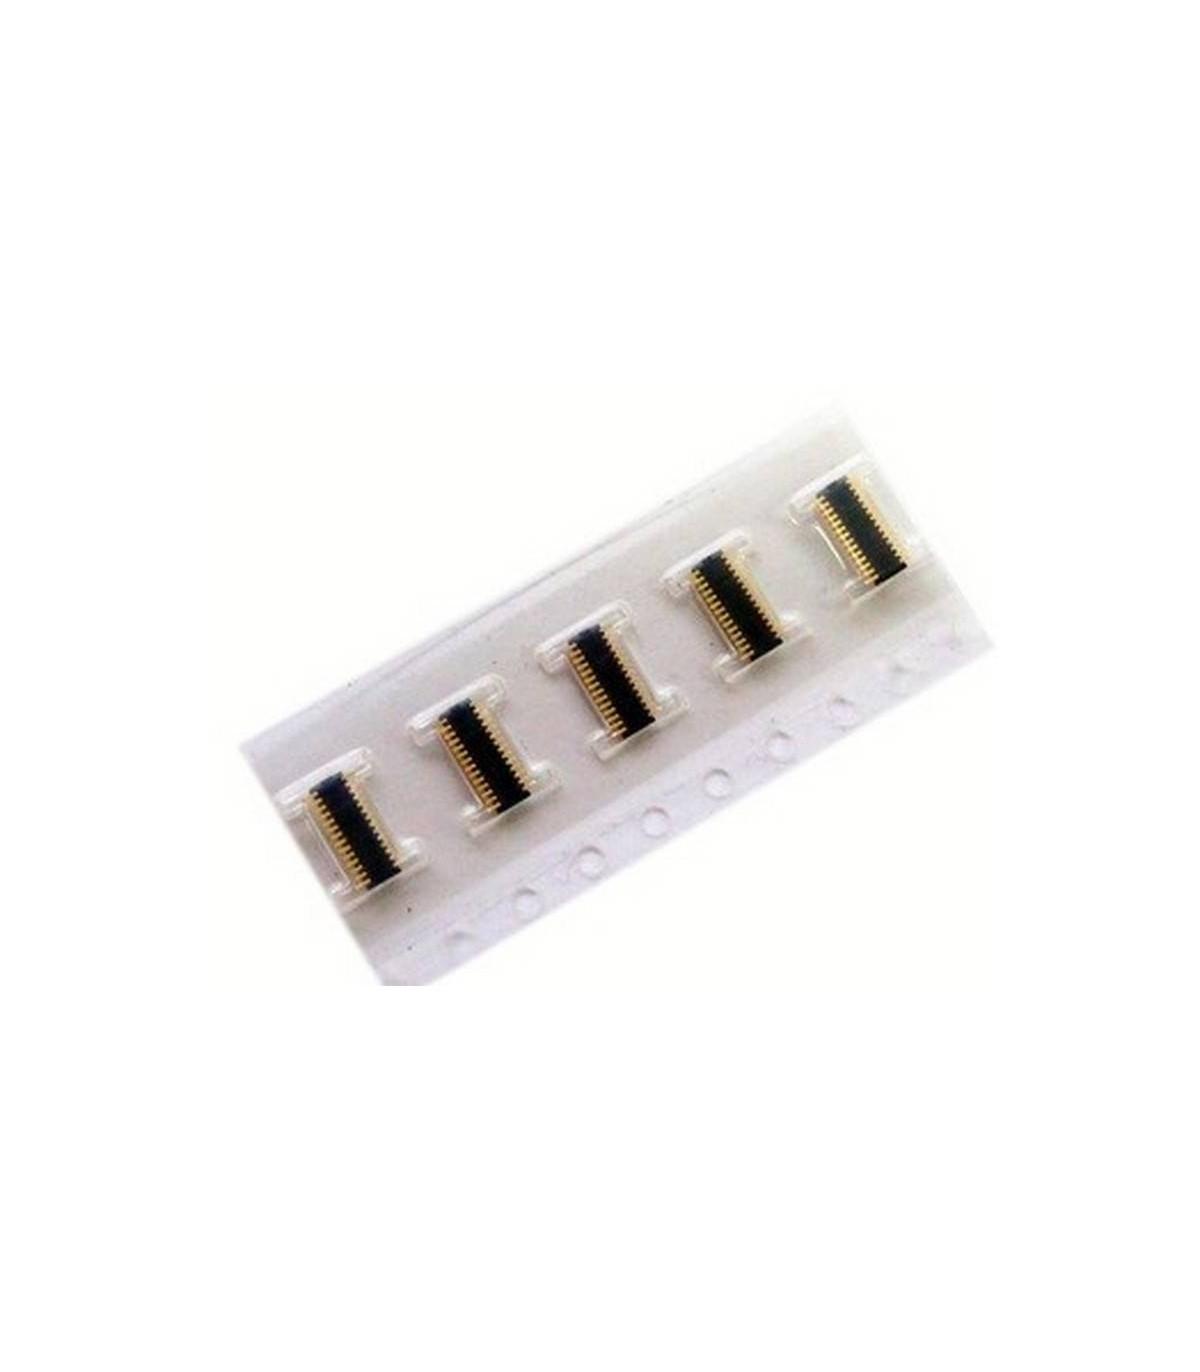 Conector del flex da Ecrã (Display) para Iphone 3gs